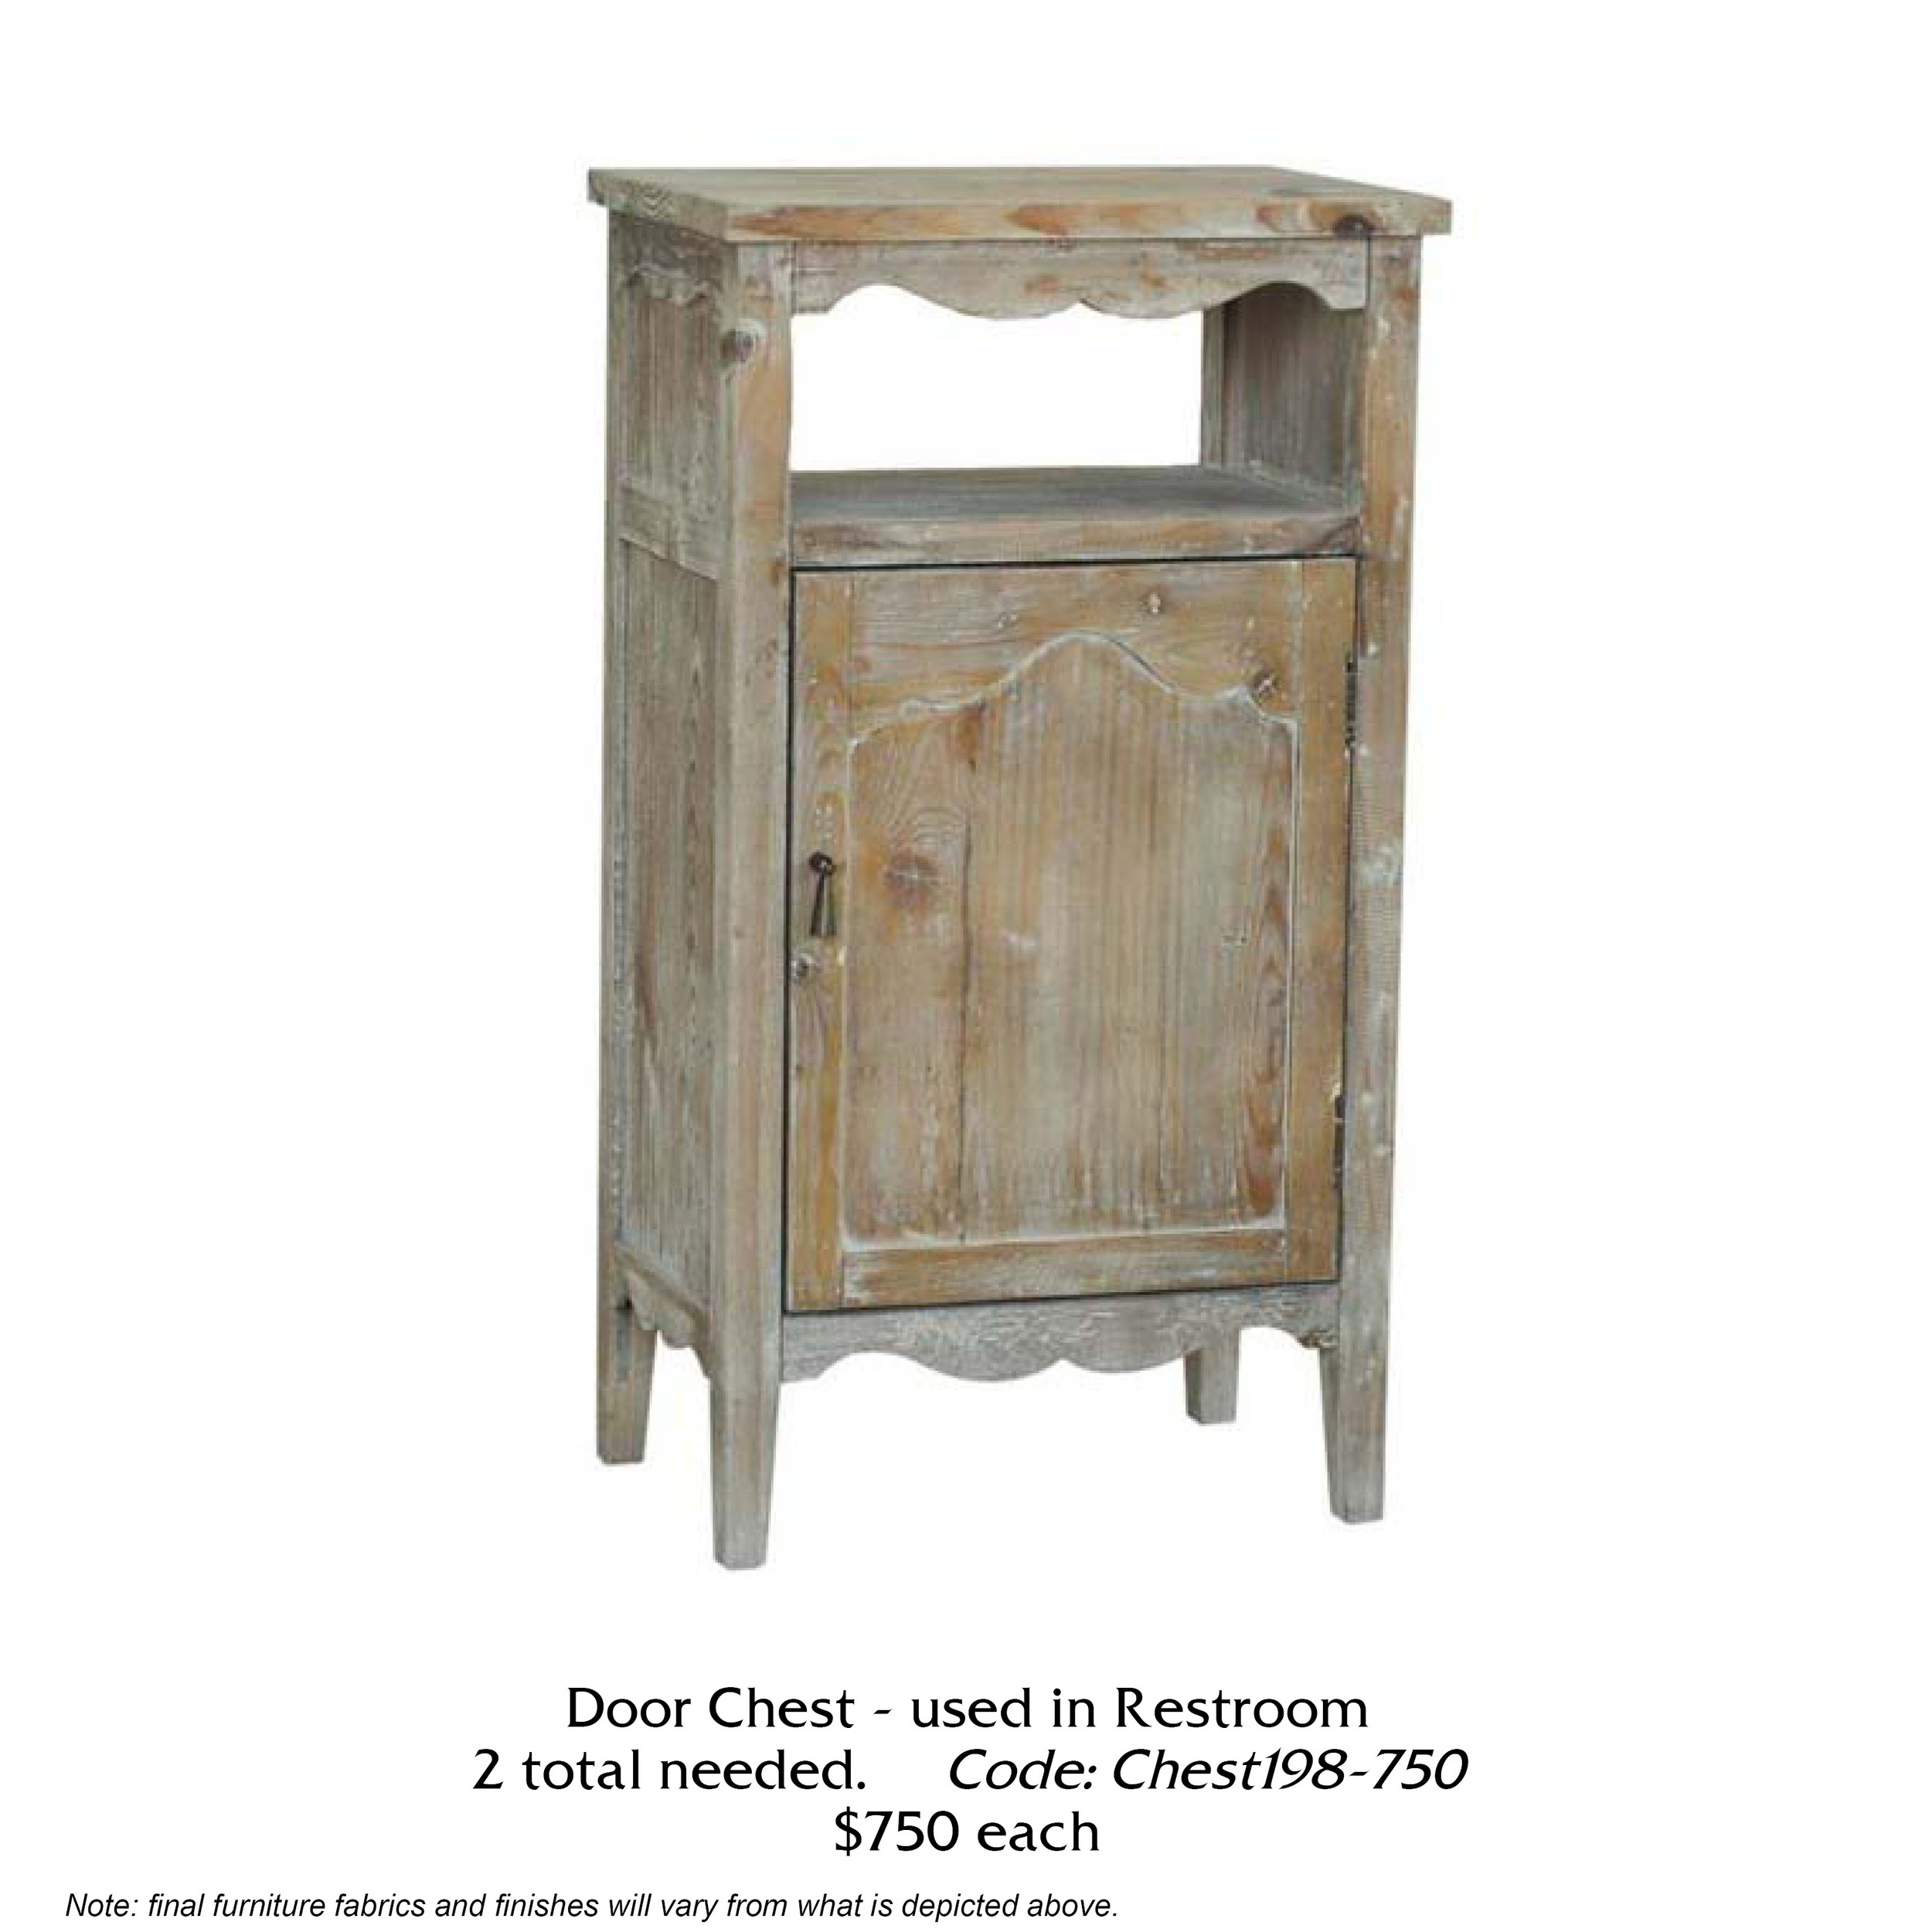 D139-F198-Door Chest - 2.jpg